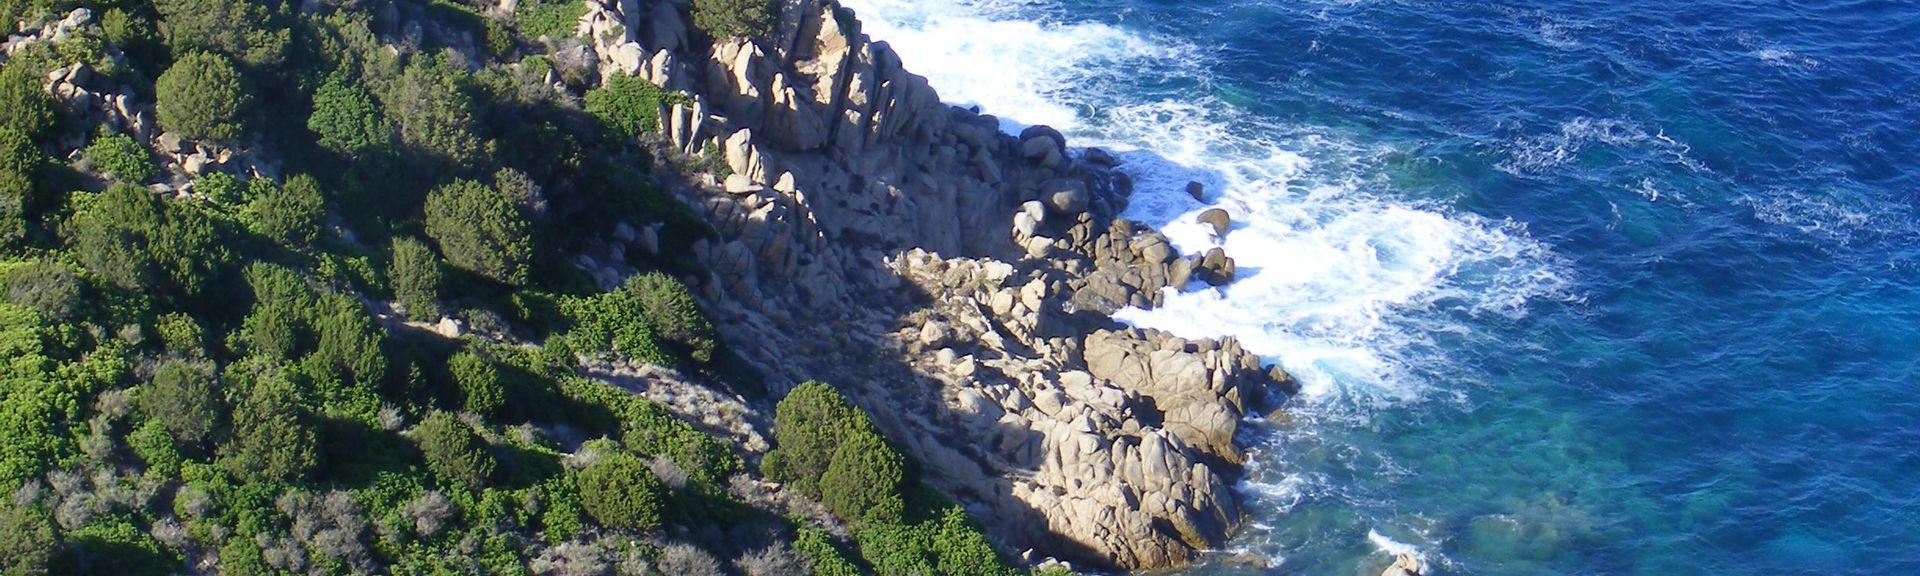 Olivese, Corsica, Frankrijk